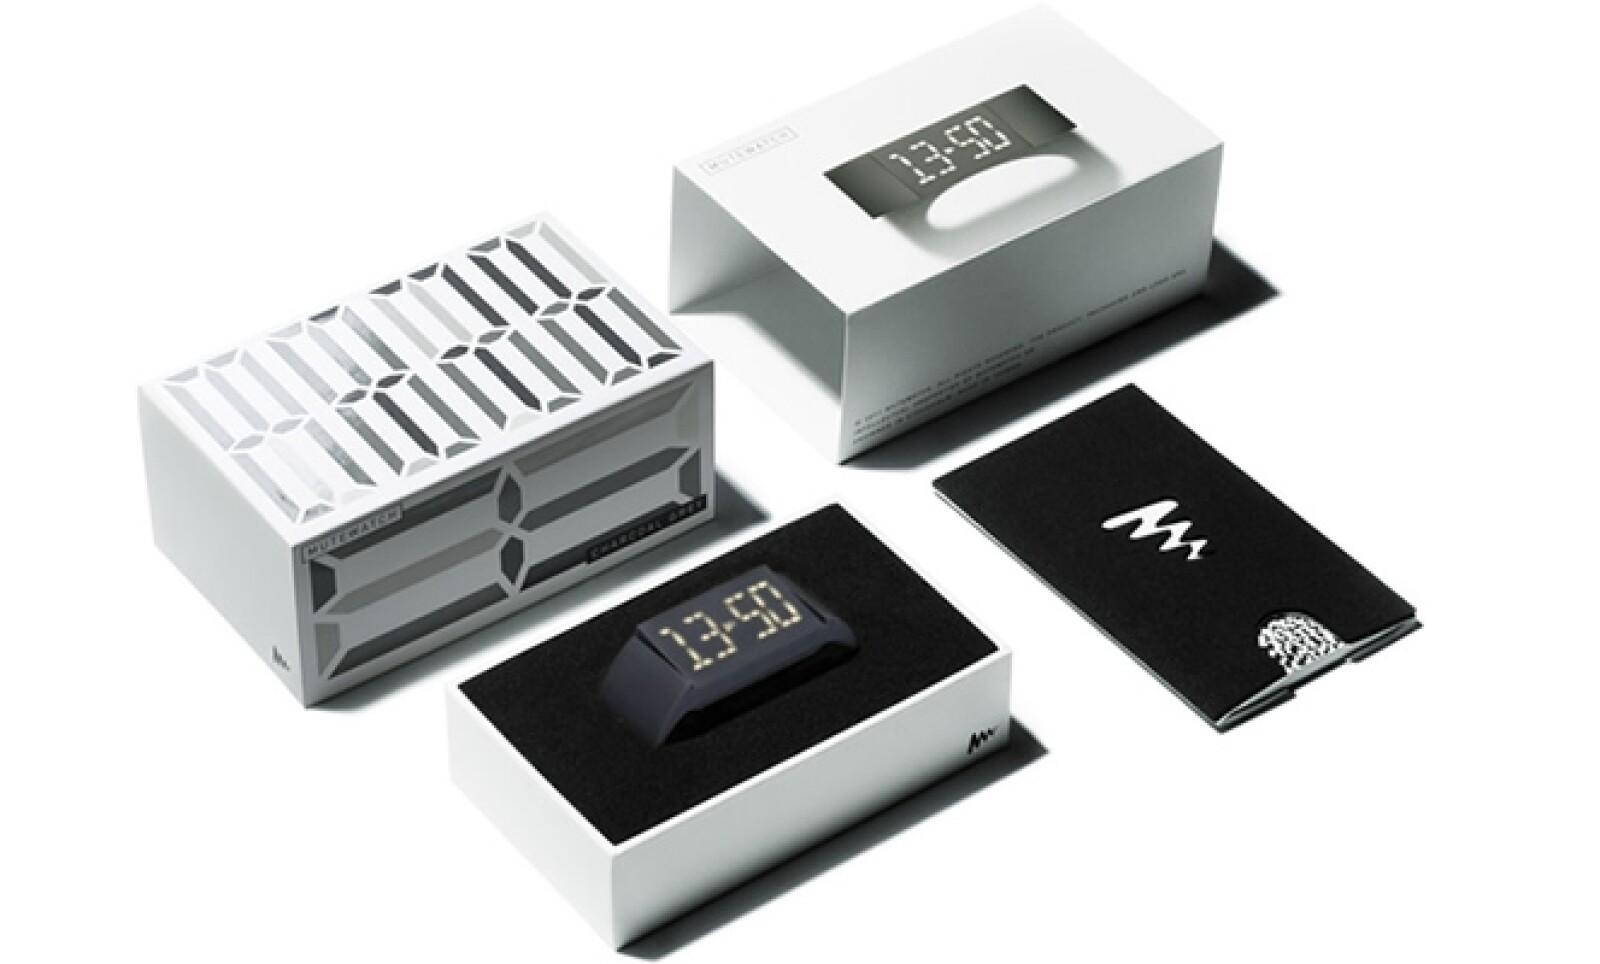 Minimalista al extremo, este diseño alemán tiene una pantalla tipo LED que se mantiene oculta hasta que el usuario presiona un botón para mostrar la hora.